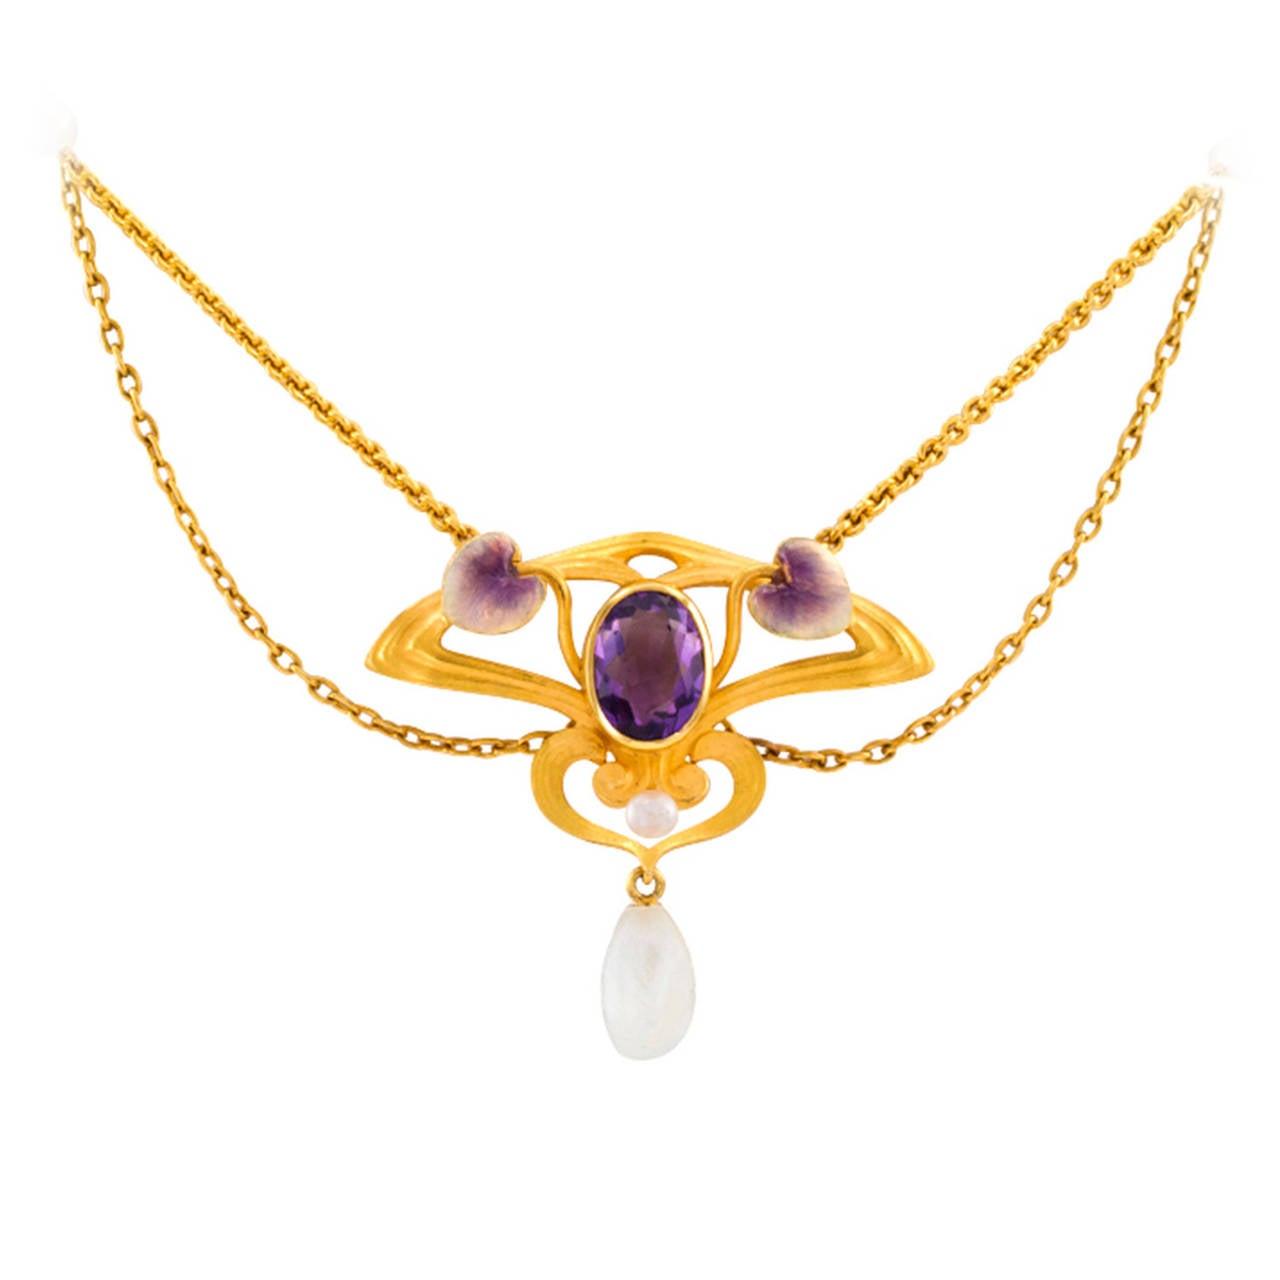 krementz nouveau pearl enamel amethyst necklace for